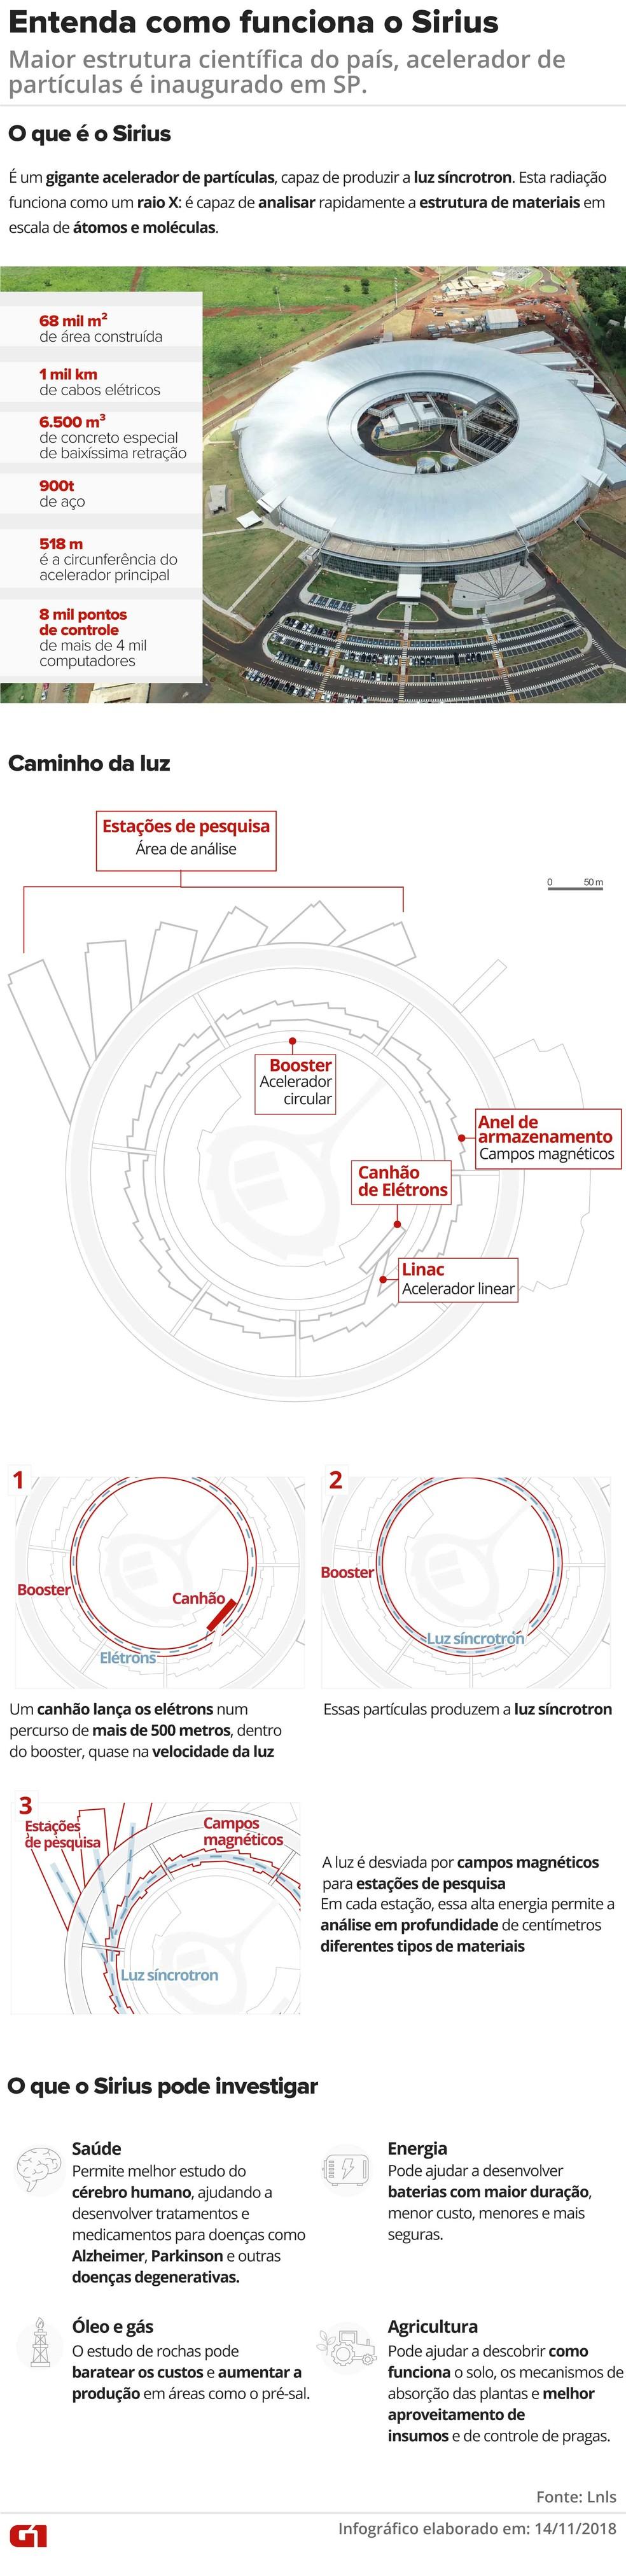 Entenda como funciona o Sirius, o Laboratório de Luz Síncrotron — Foto: Infográfico: Juliane Monteiro, Igor Estrella e Rodrigo Cunha/G1